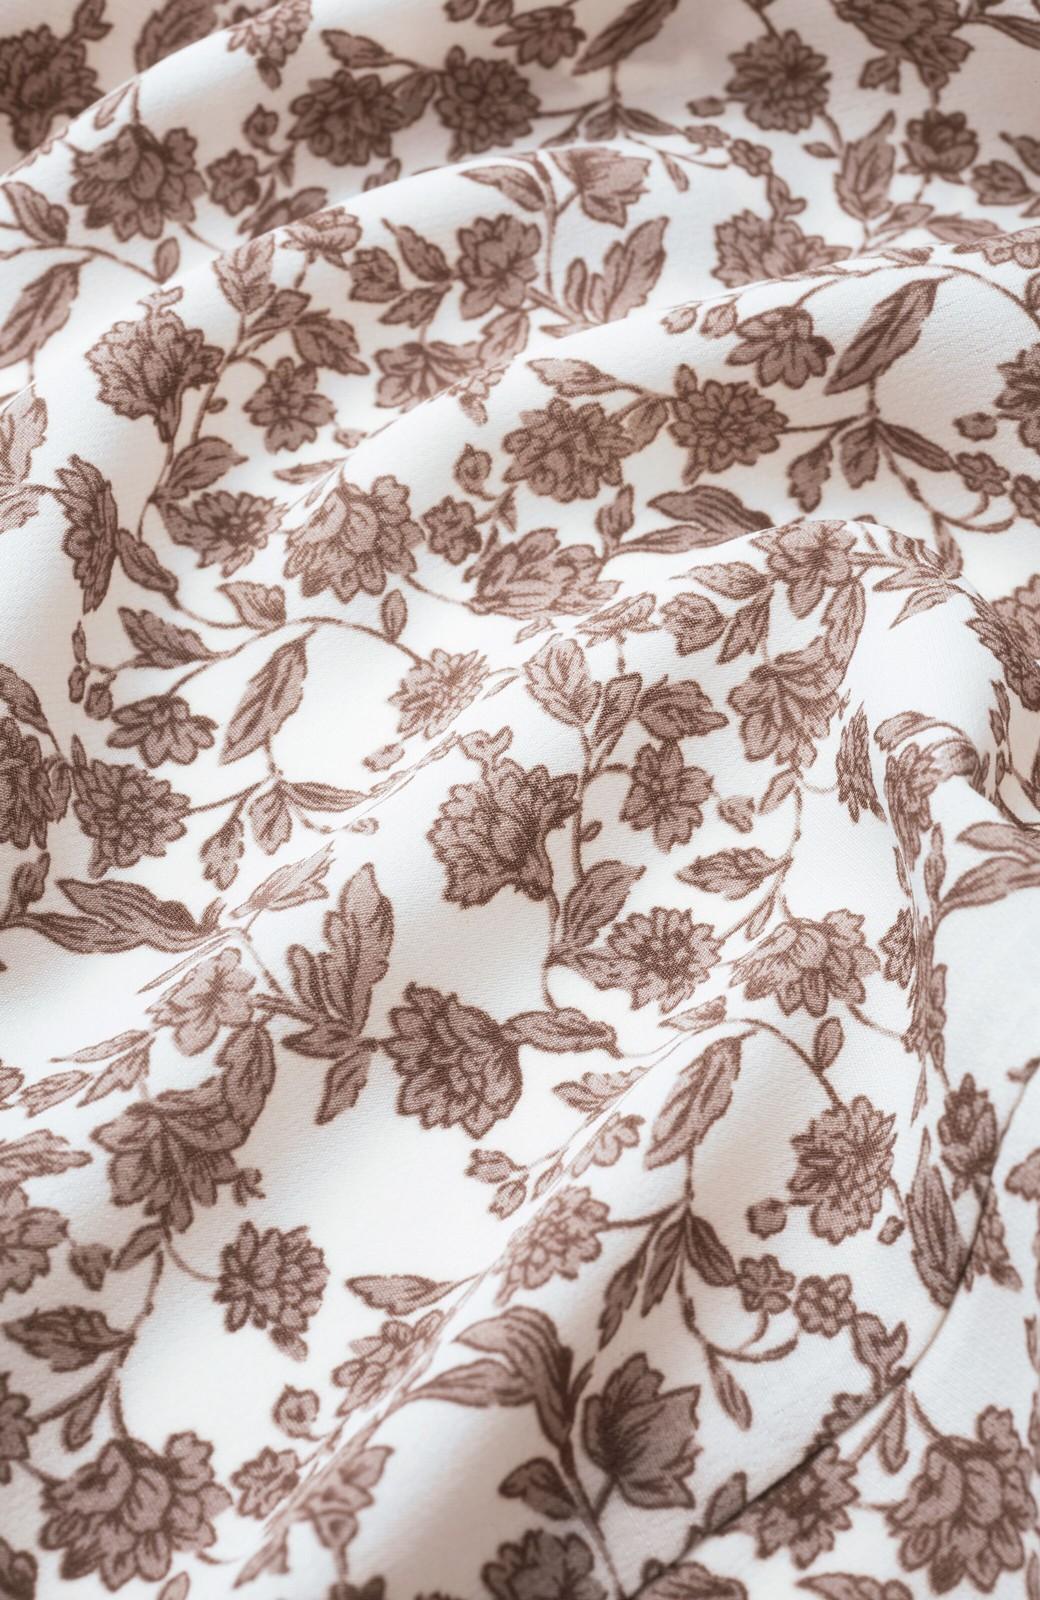 haco! さっと着てコーデが華やぐ 重ね着しても羽織ってもかわいいフレアー袖にキュンとする花柄ワンピース <ホワイト系その他>の商品写真3